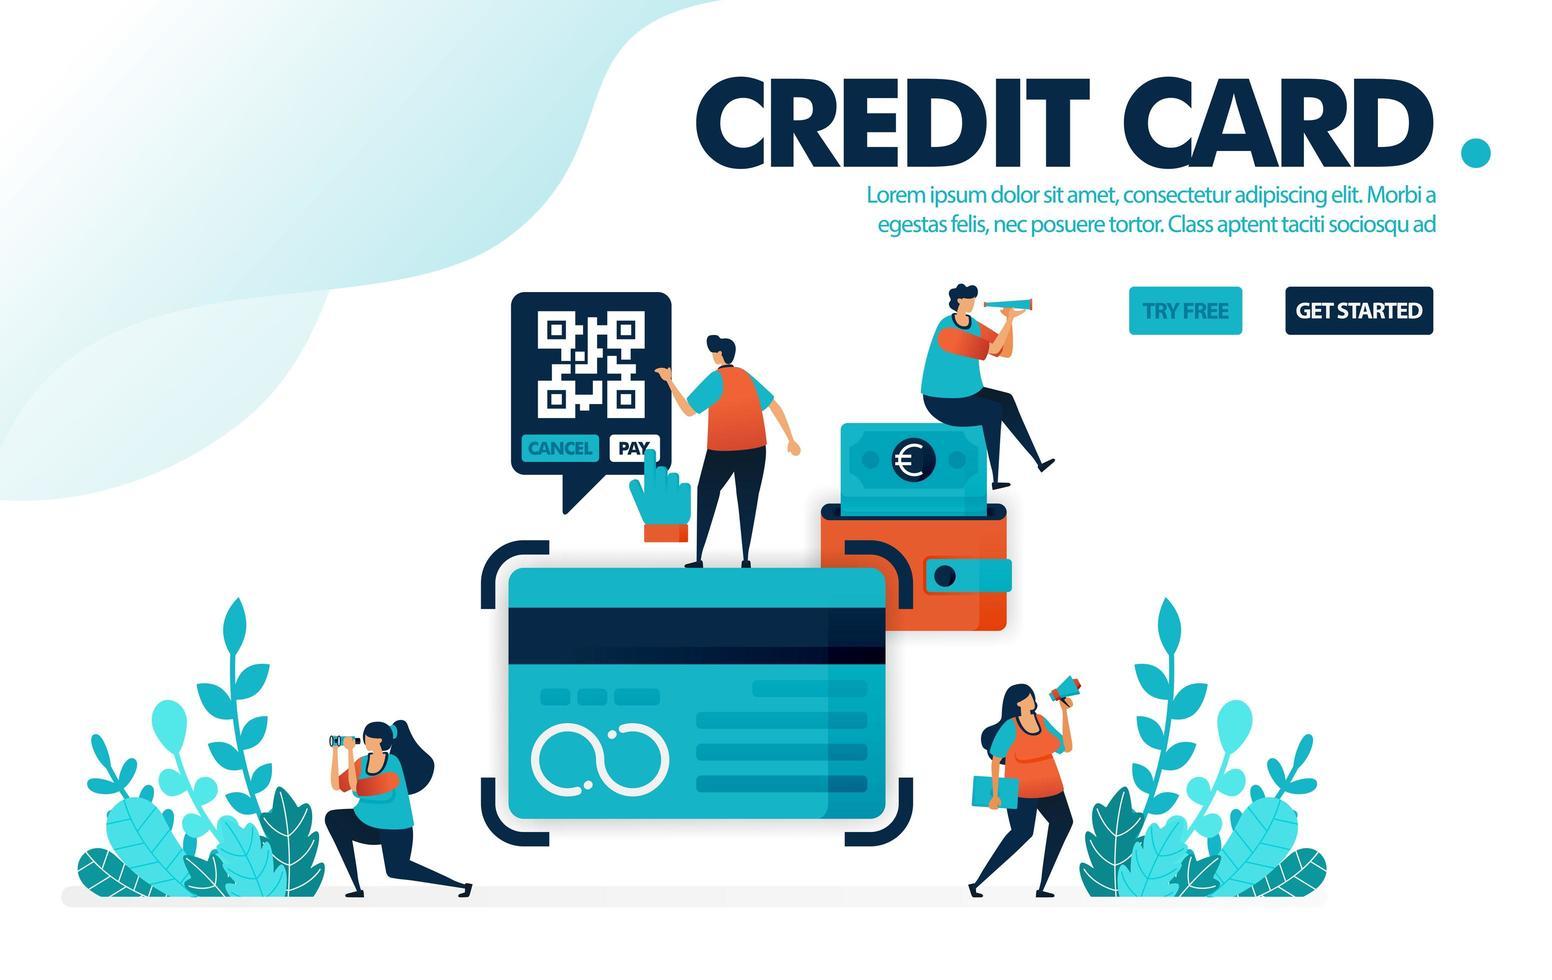 vektor illustration begreppet kreditkort. människor ansöker om kreditkortslån i banken. betala räkning och avbetalning med kreditkort. designad för målsida, webb, banner, mall, bakgrund, flygblad